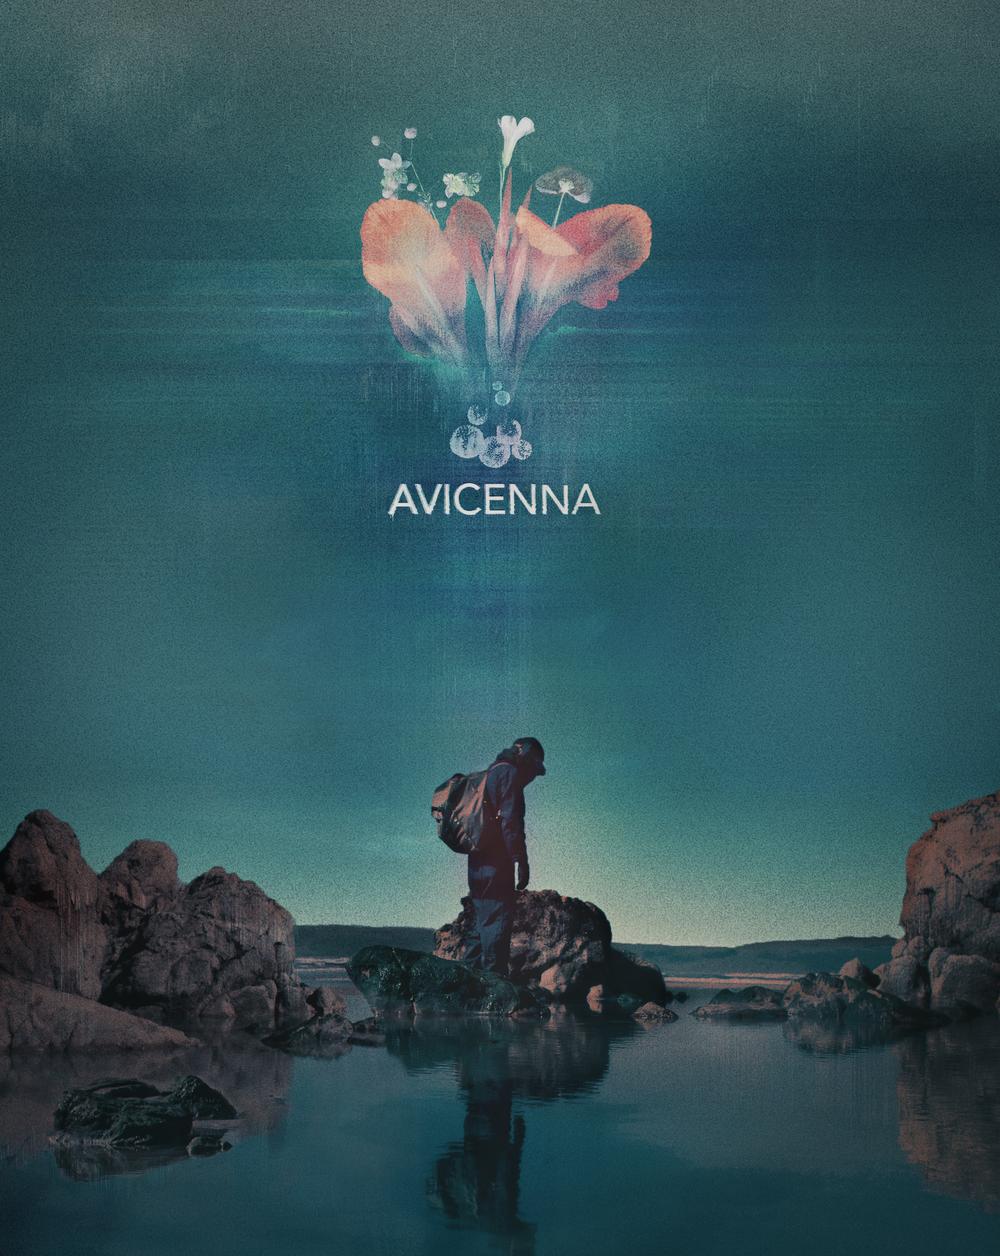 Avicenna, 2018